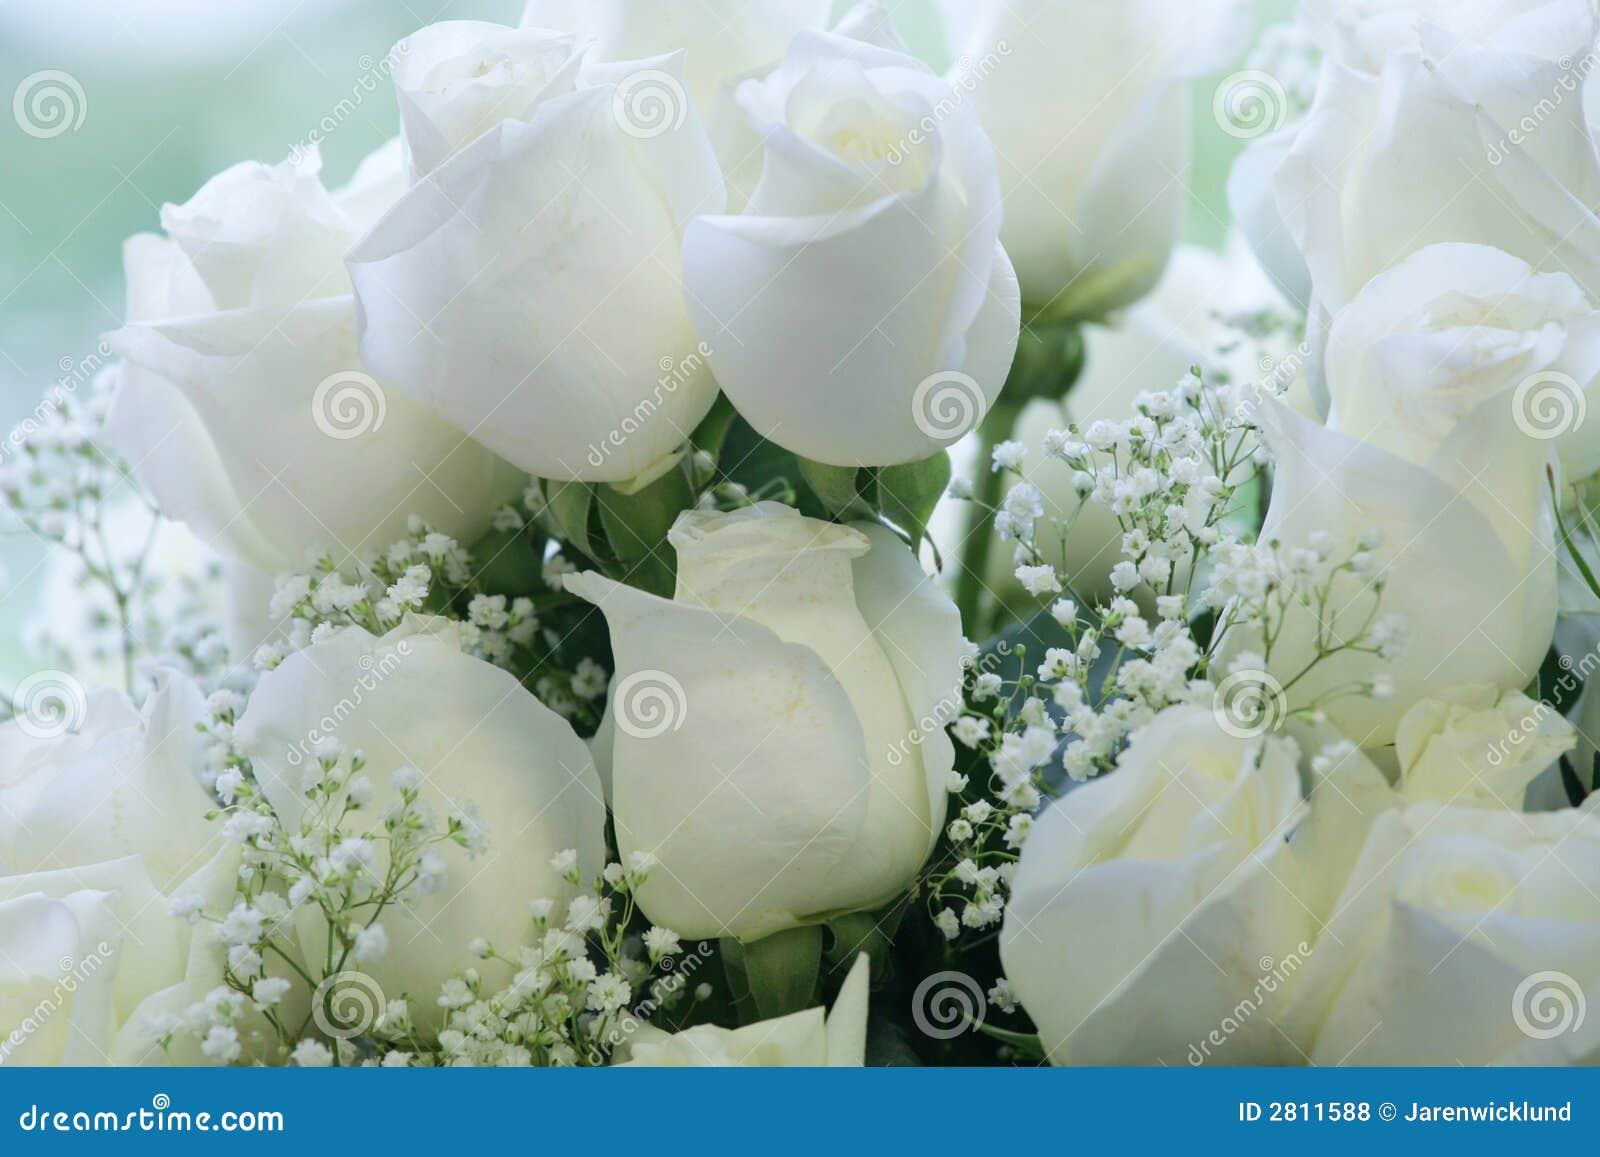 Elegant Pure White Roses Stock Photo Image Of Elegance 2811588